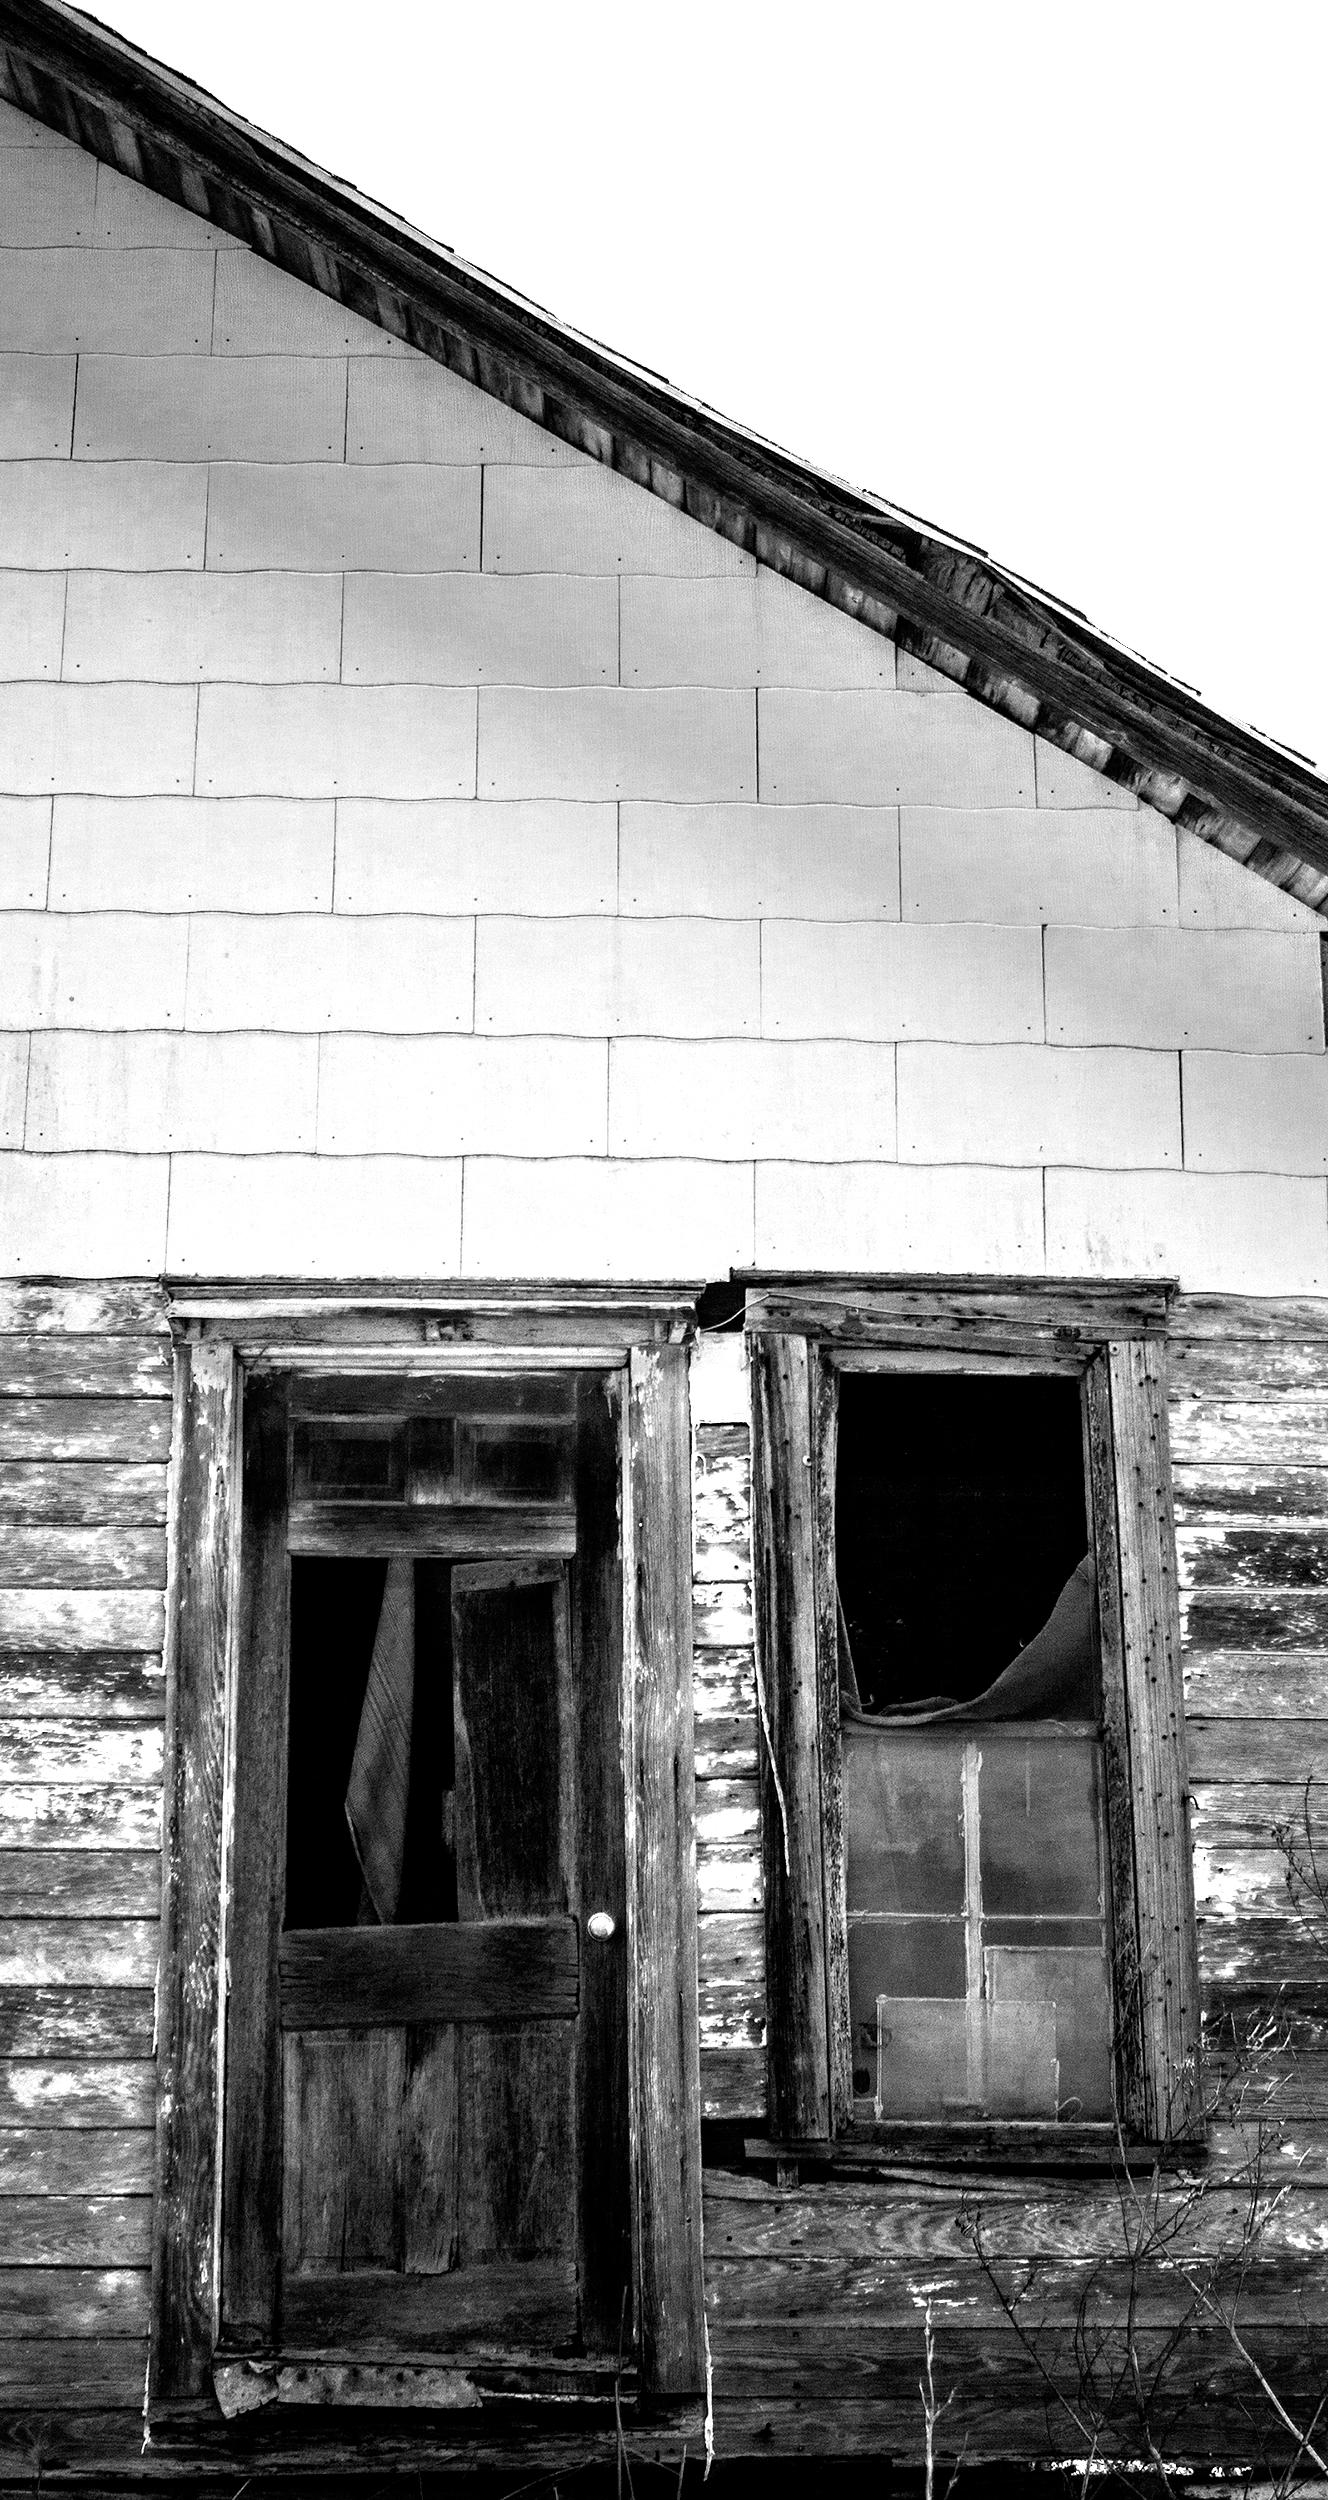 door-way-3.jpg